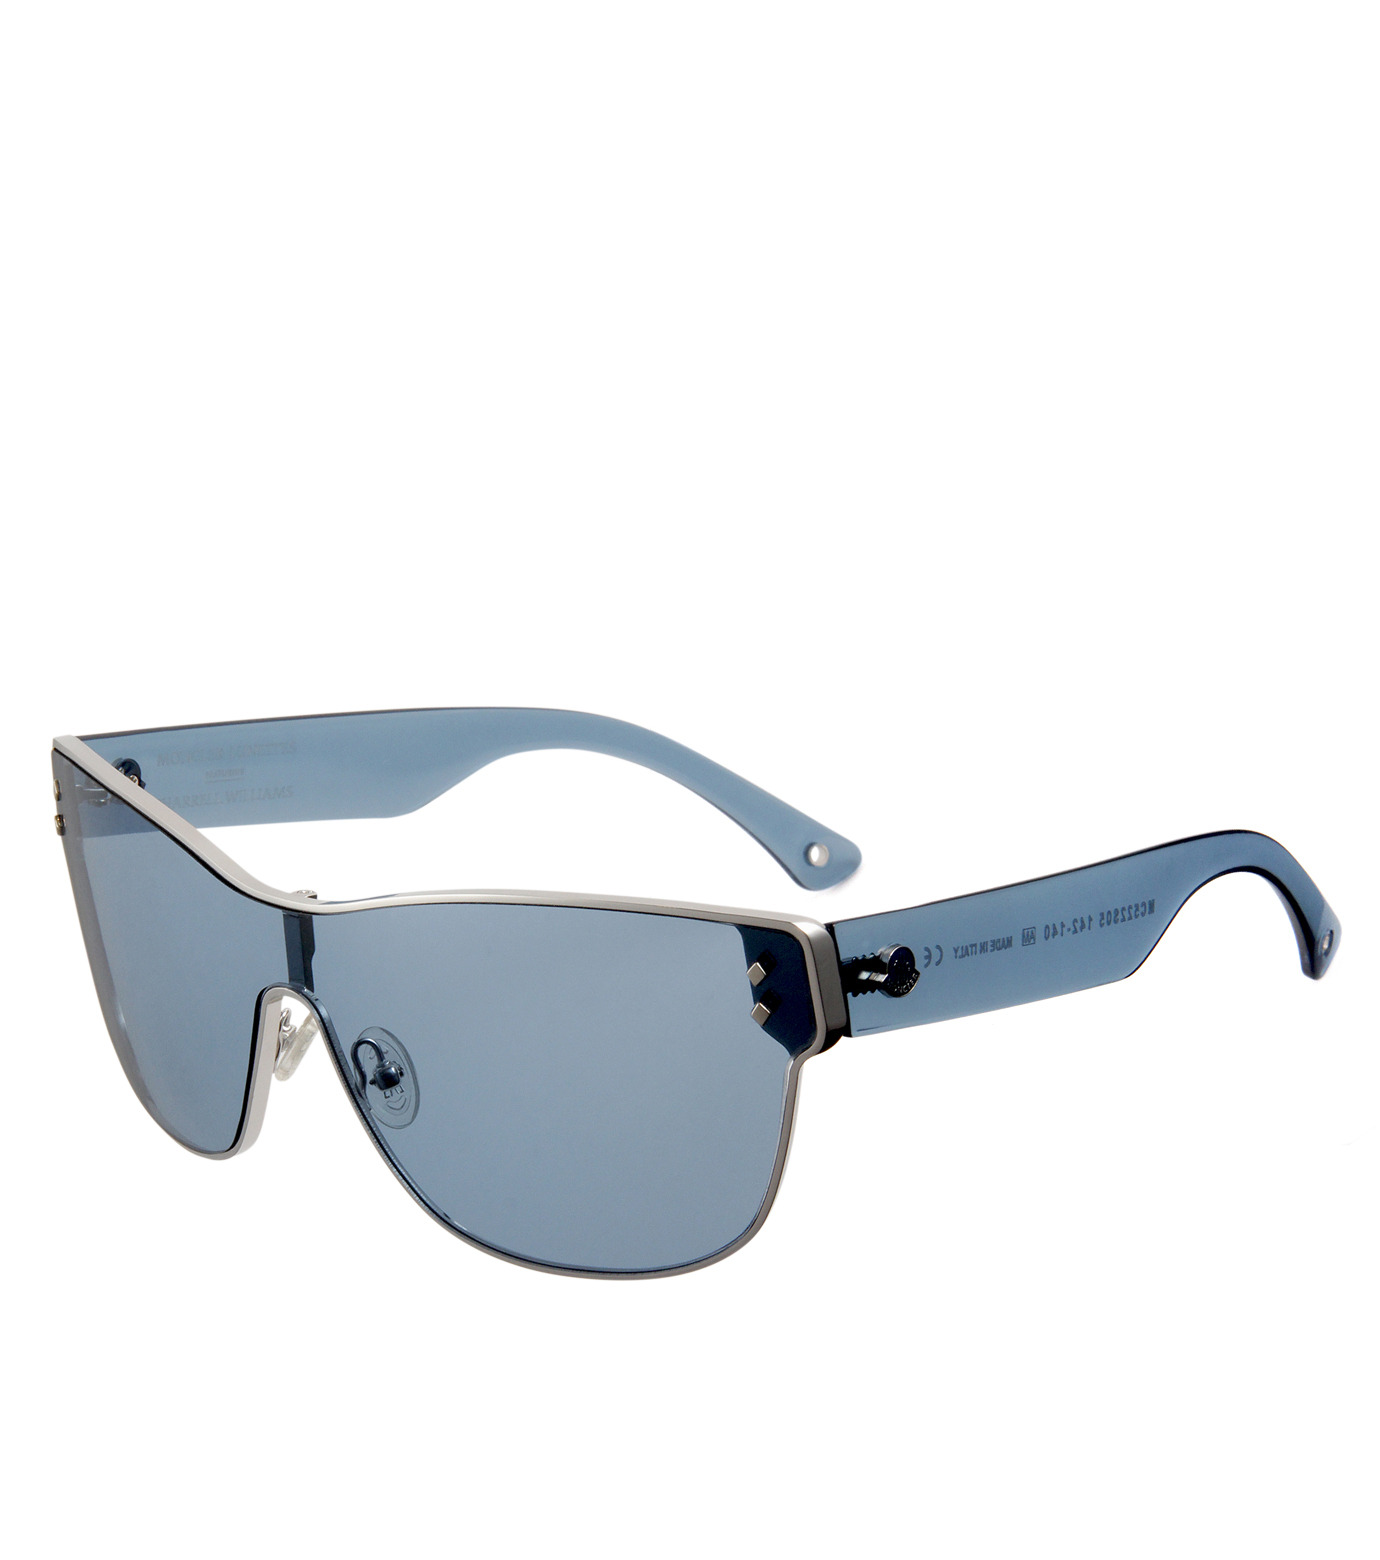 Moncler Eyewear(モンクレールアイウェア)のEYEWEAR-BLUE(アイウェア/eyewear)-MC522-92 拡大詳細画像1